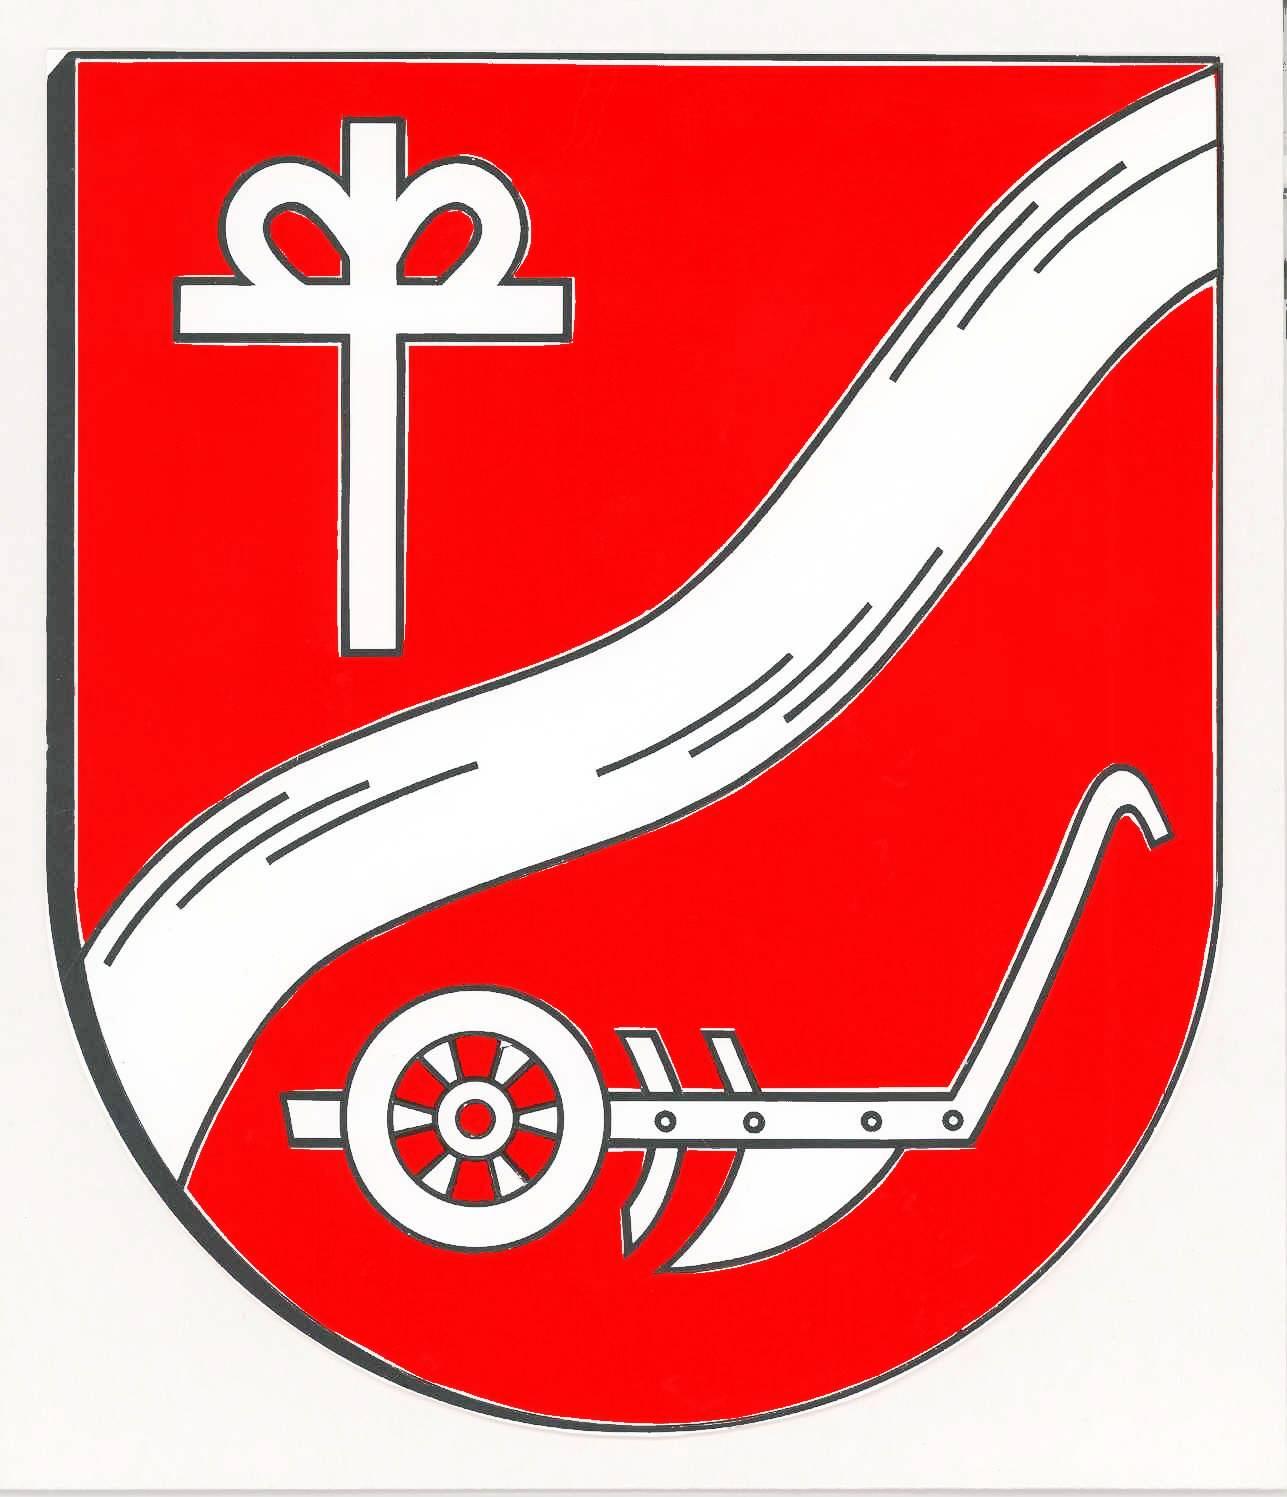 Wappen GemeindeRickling, Kreis Segeberg